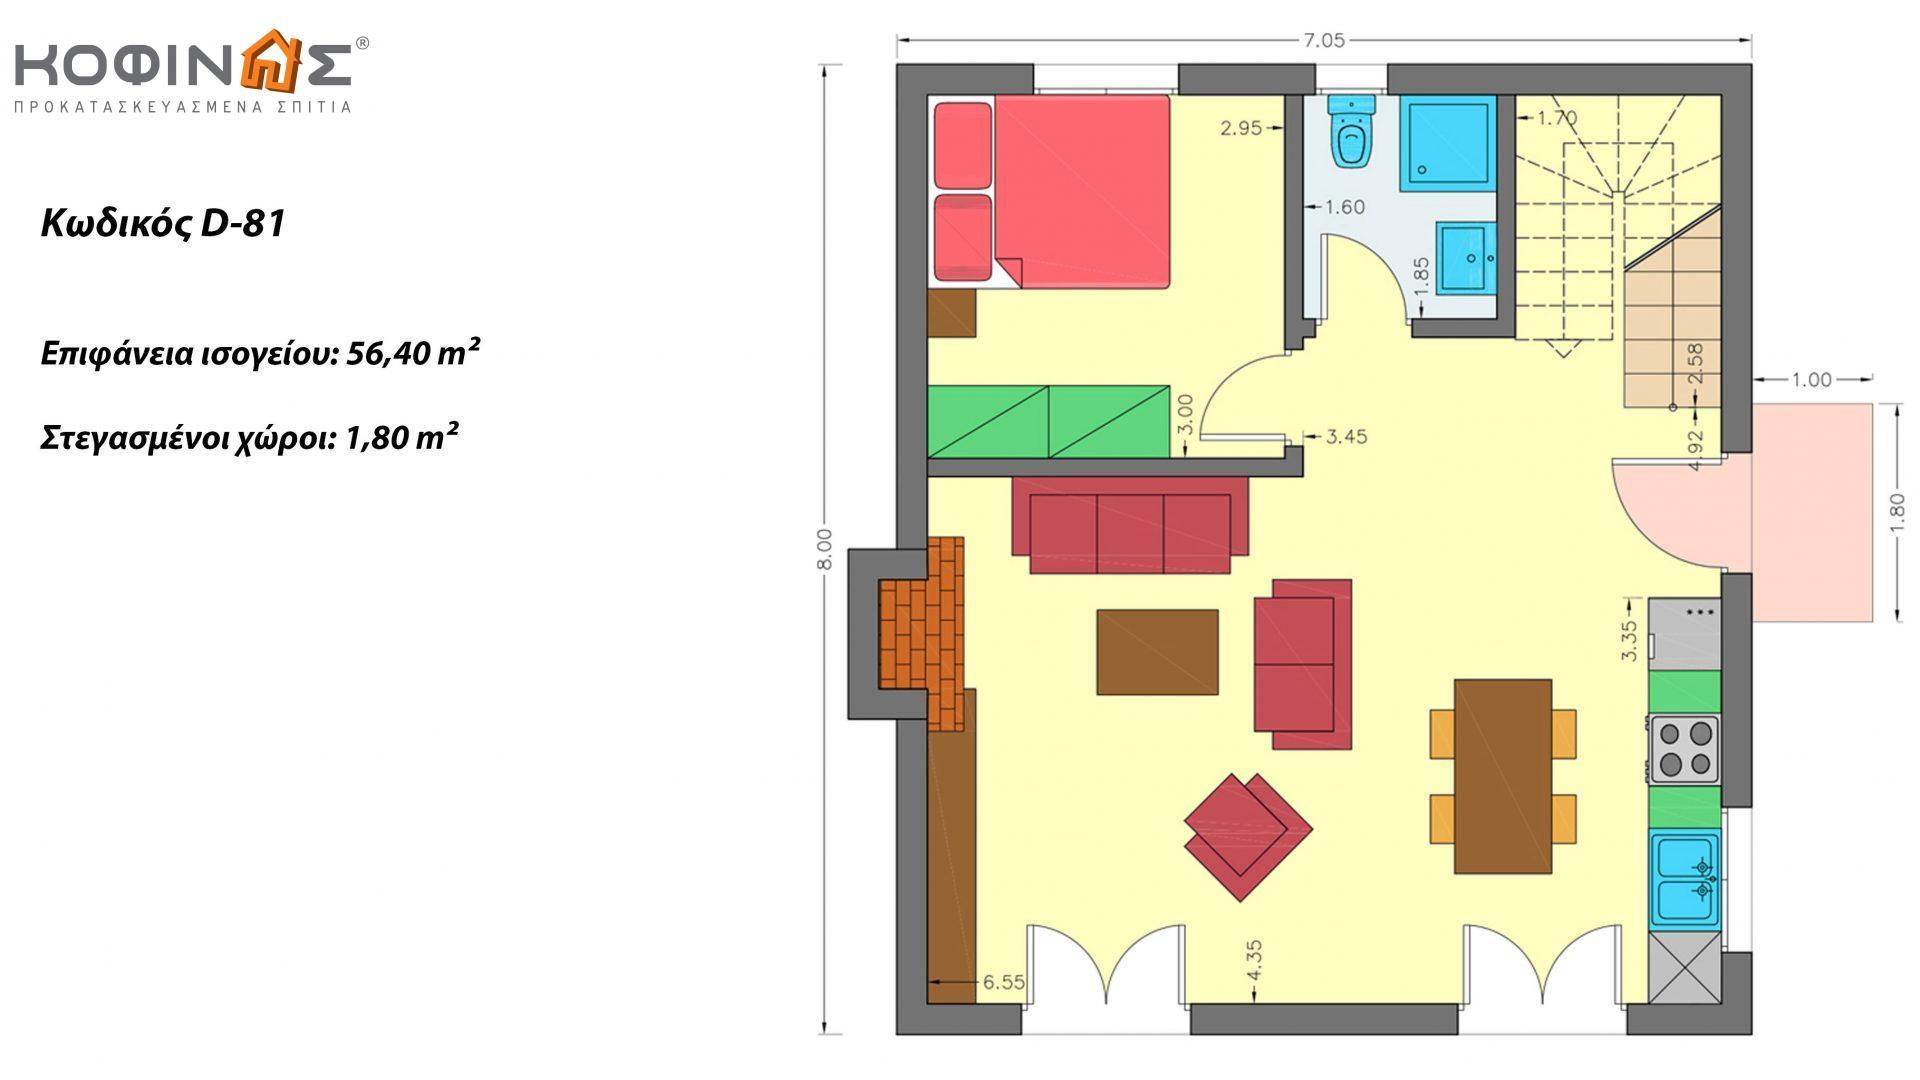 Διώροφη Κατοικία D-81, συνολικής επιφάνειας 81,08 τ.μ. , συνολική επιφάνεια στεγασμένων χώρων 22,95 τ.μ., μπαλκόνια 31,73 τ.μ.